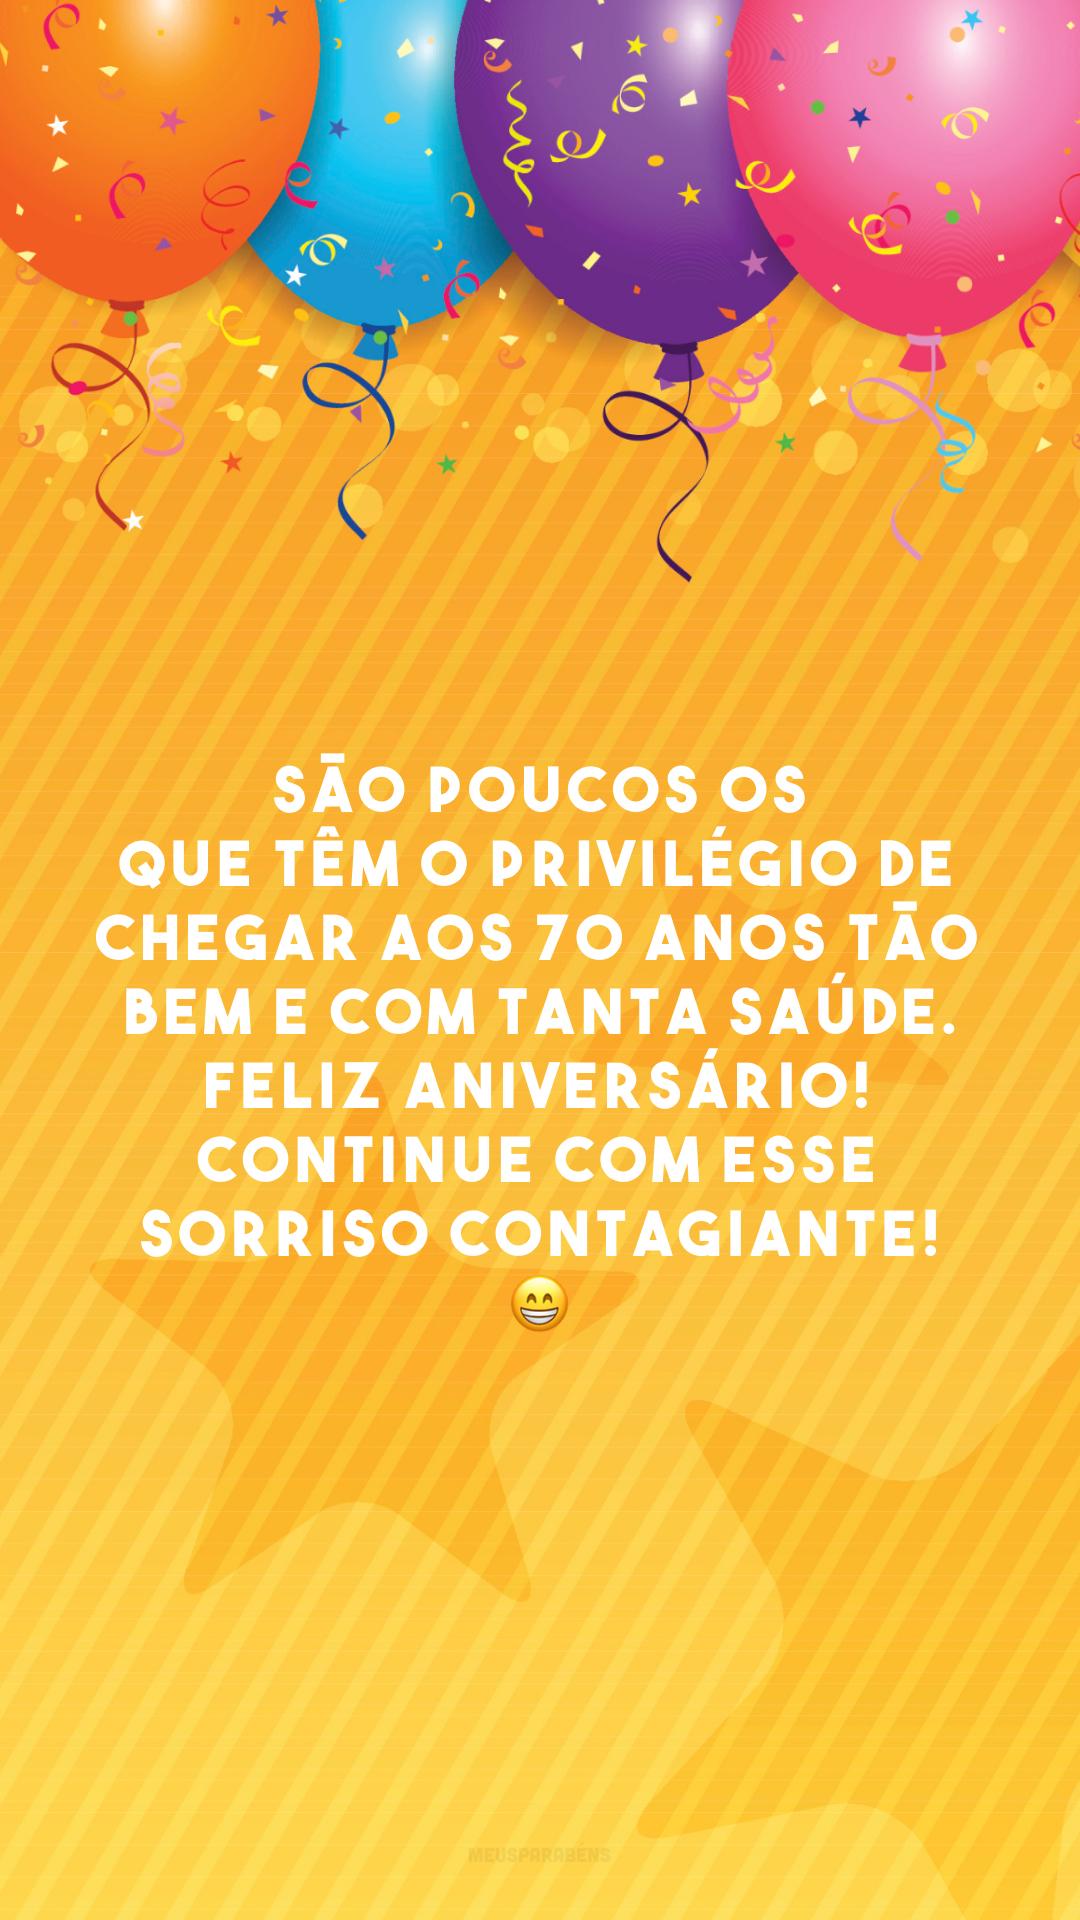 São poucos os que têm o privilégio de chegar aos 70 anos tão bem e com tanta saúde. Feliz aniversário! Continue com esse sorriso contagiante! 😁